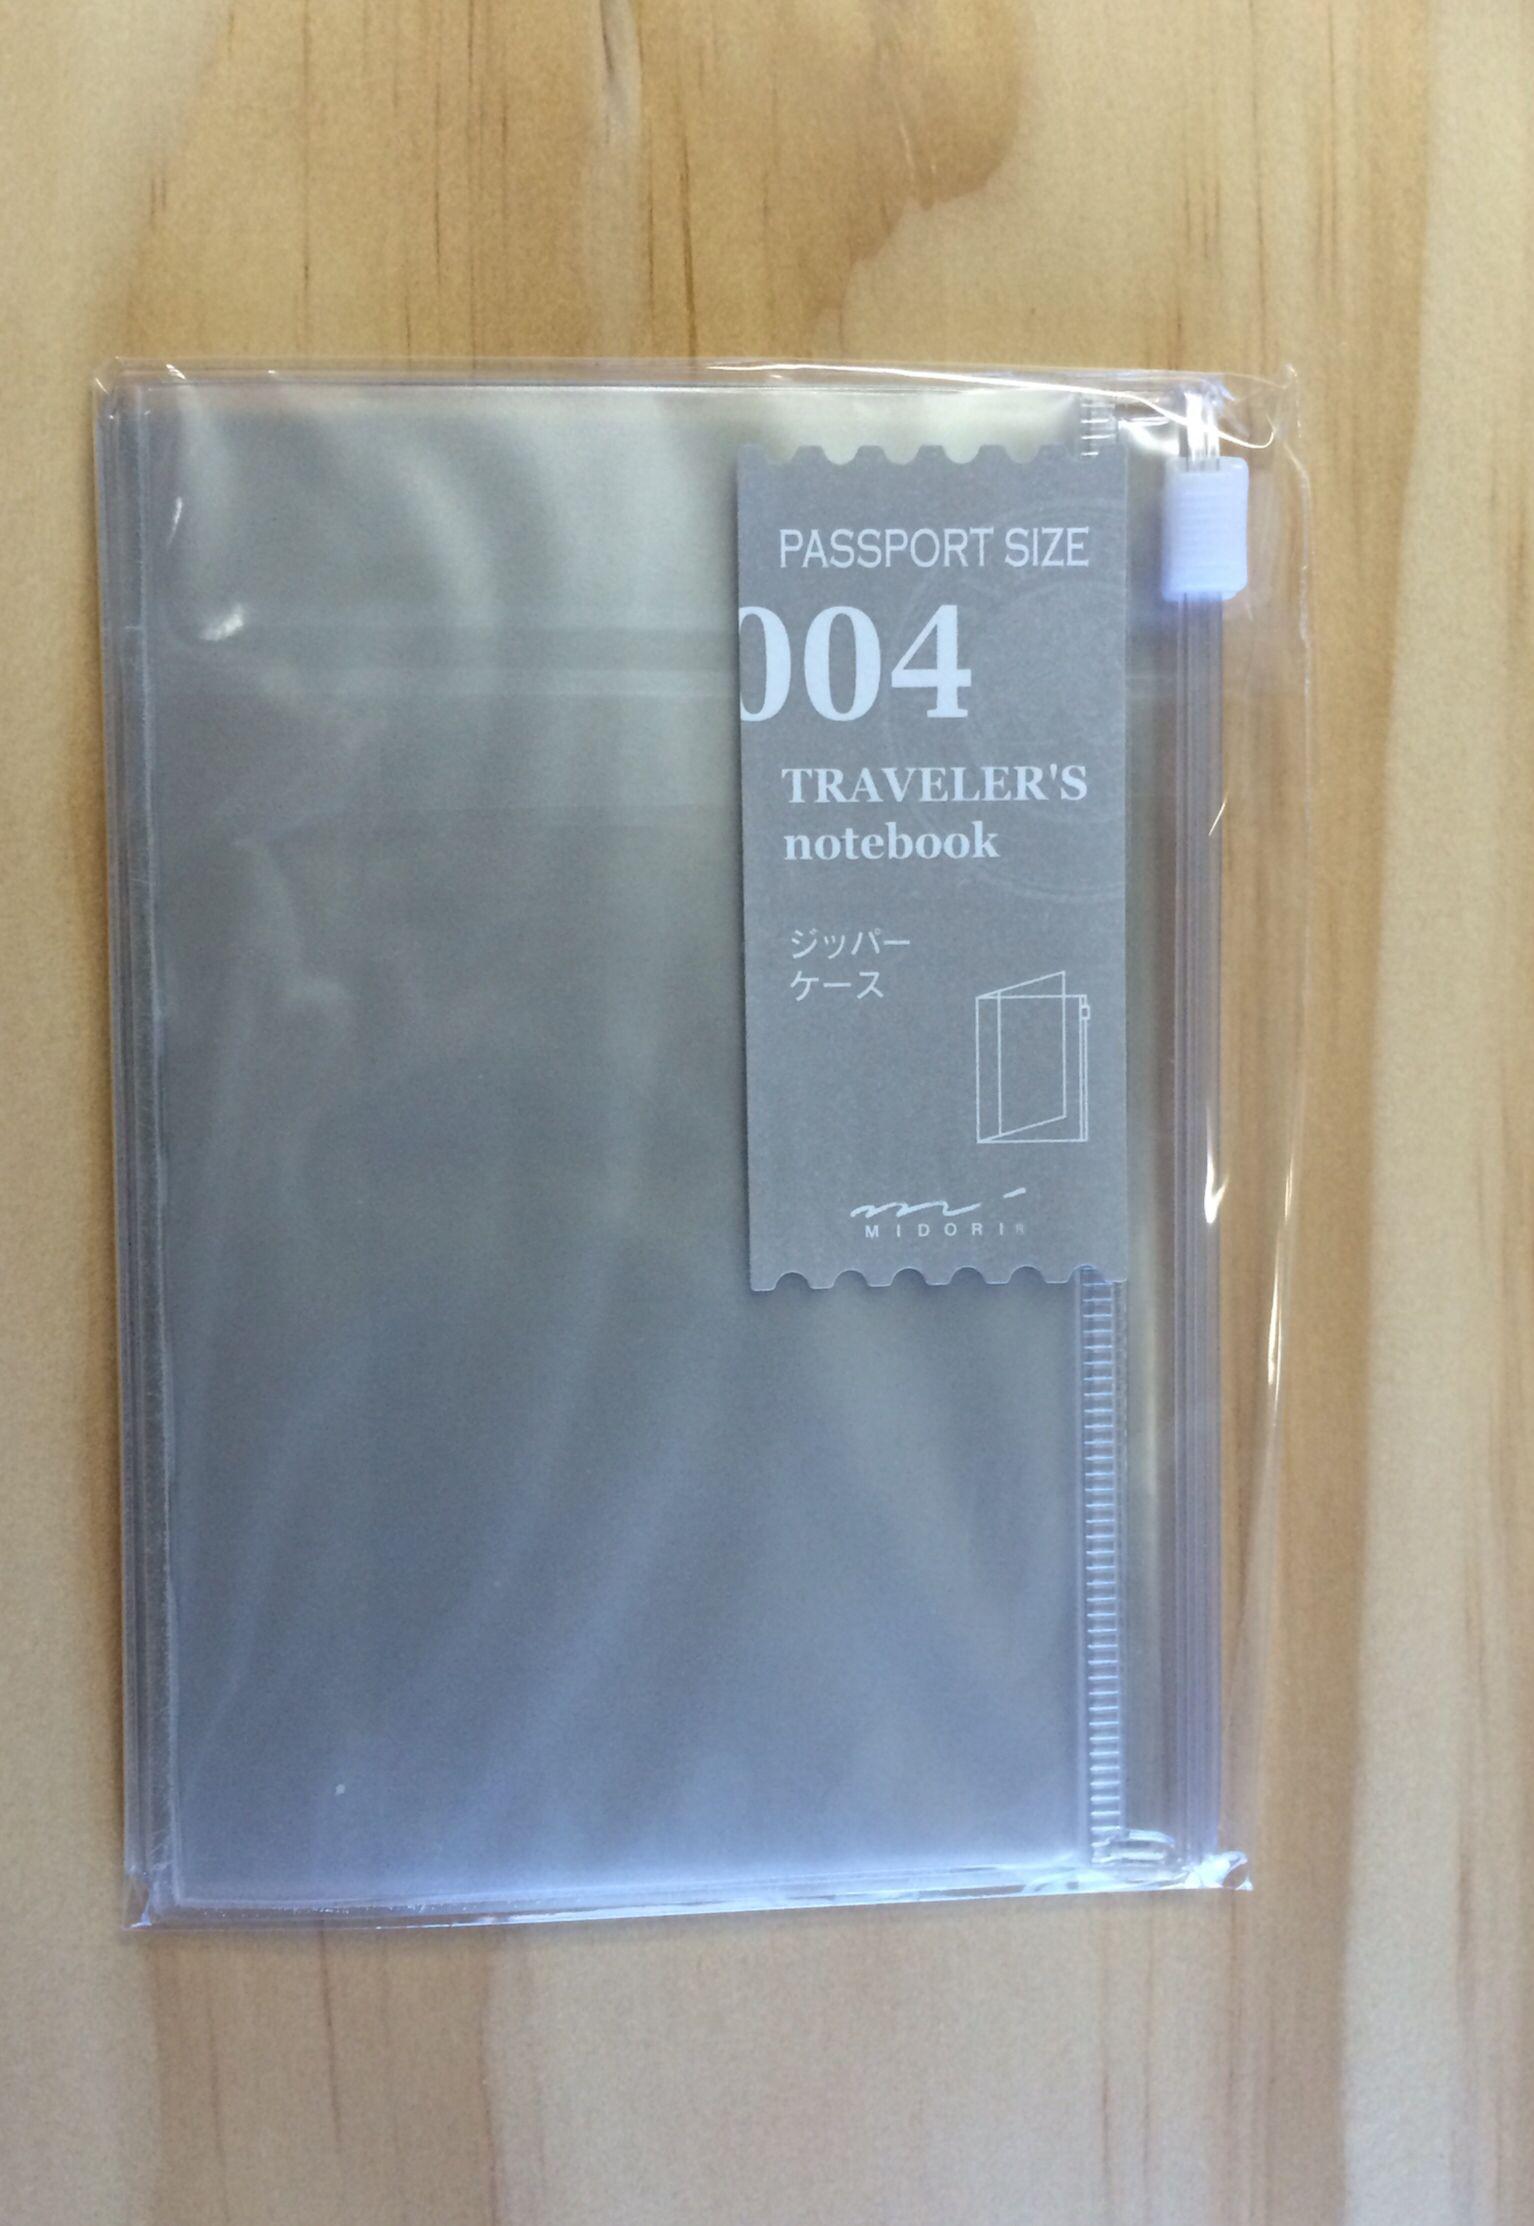 004 refill for passport size Midori Traveler's Notebook